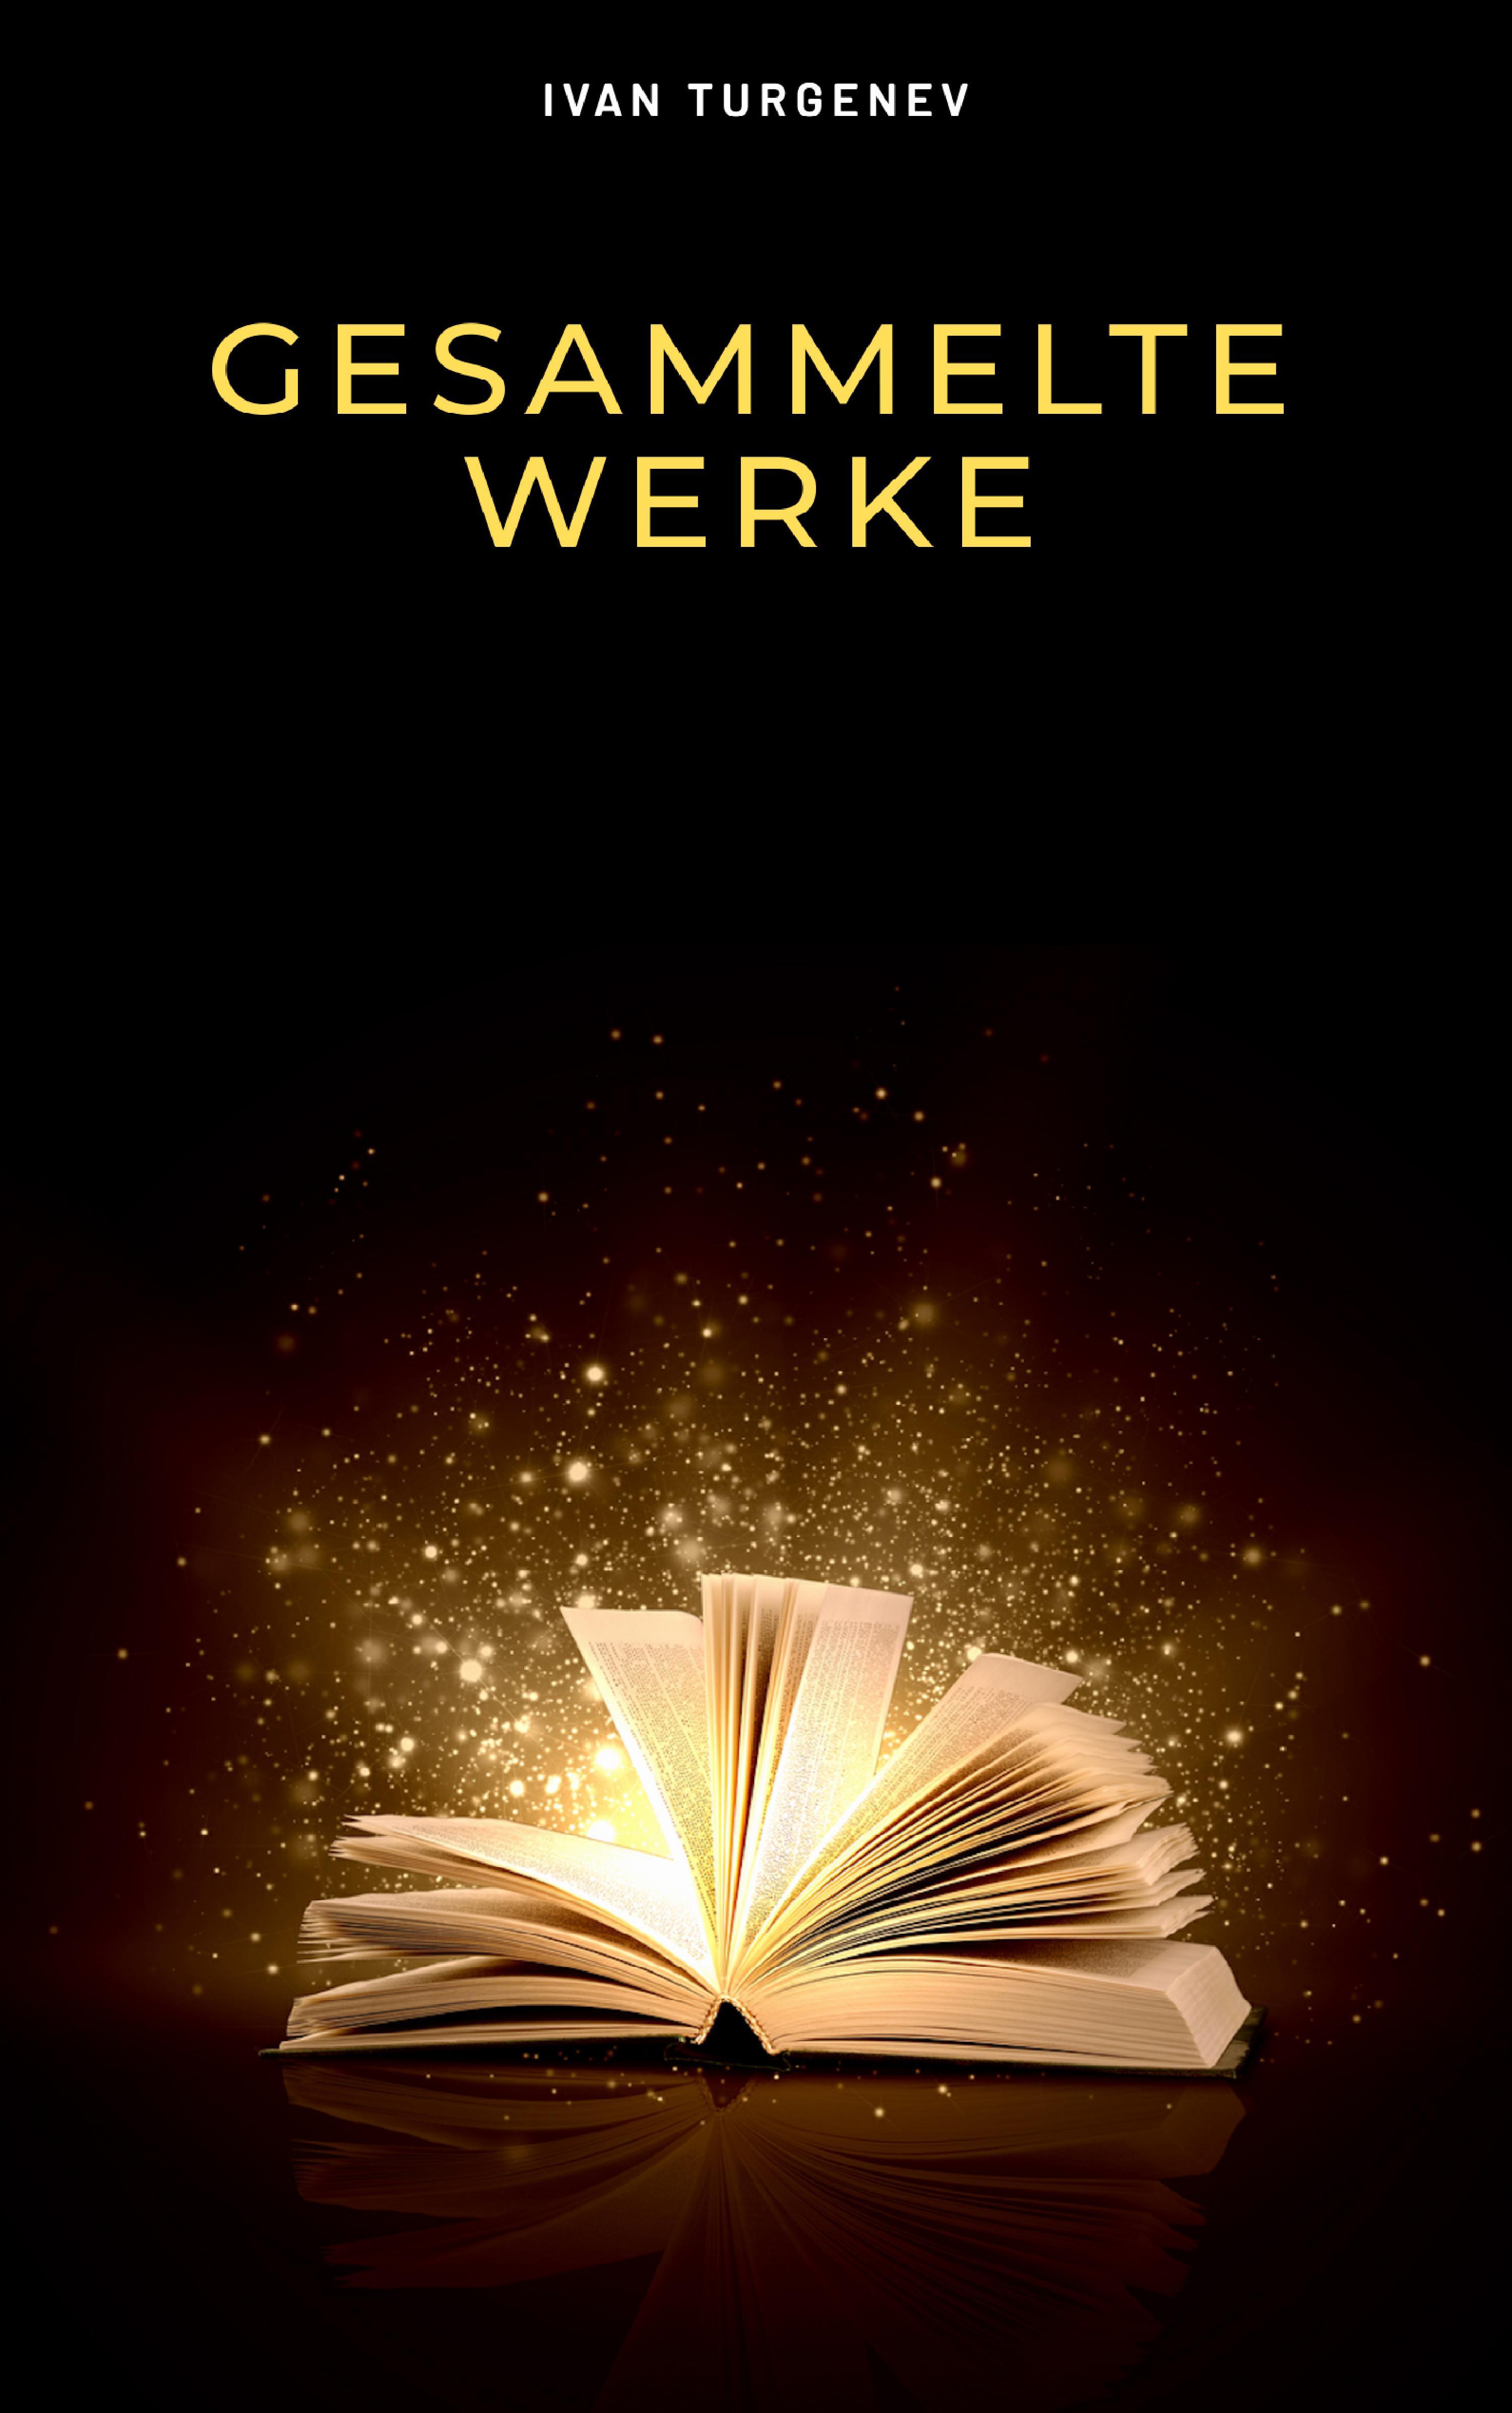 gesammelte werke romane erzahlungen gedichte in prosa 83 titel in einem buch vollstandige deutsche ausgaben vater und sohne aufzeichnungen liebe gespe